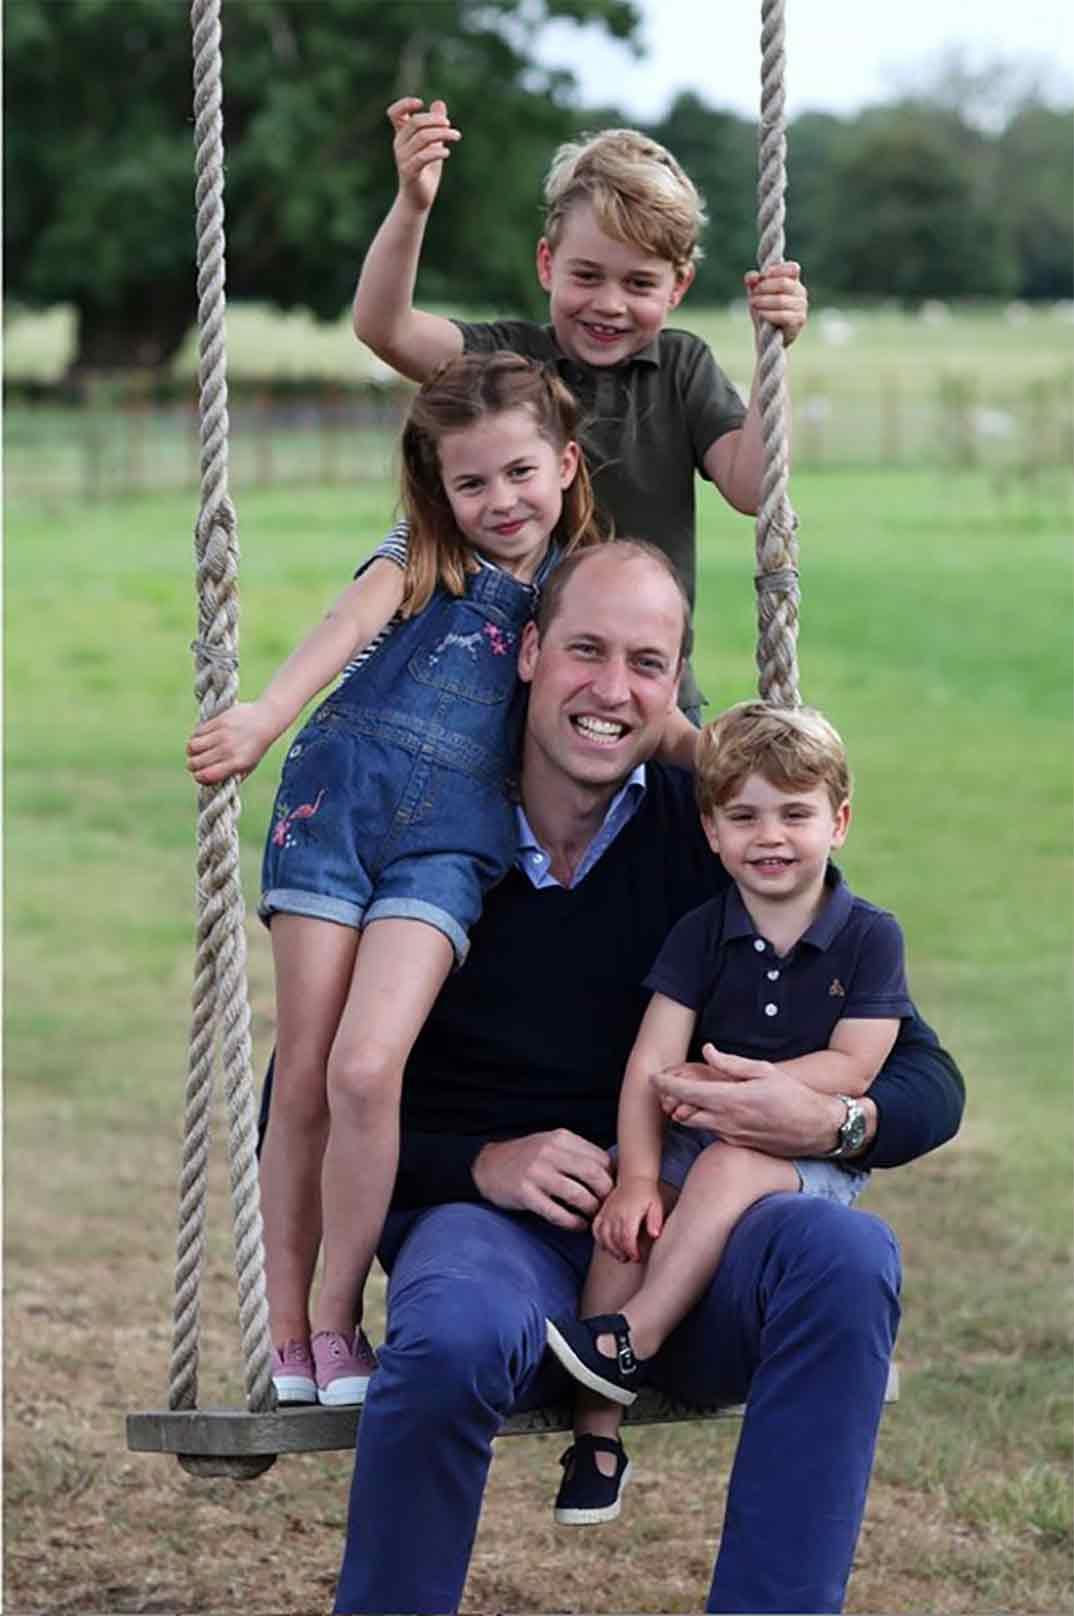 Príncipe Guillermo con sus tres hijos © kesingtonroyal/Instagram